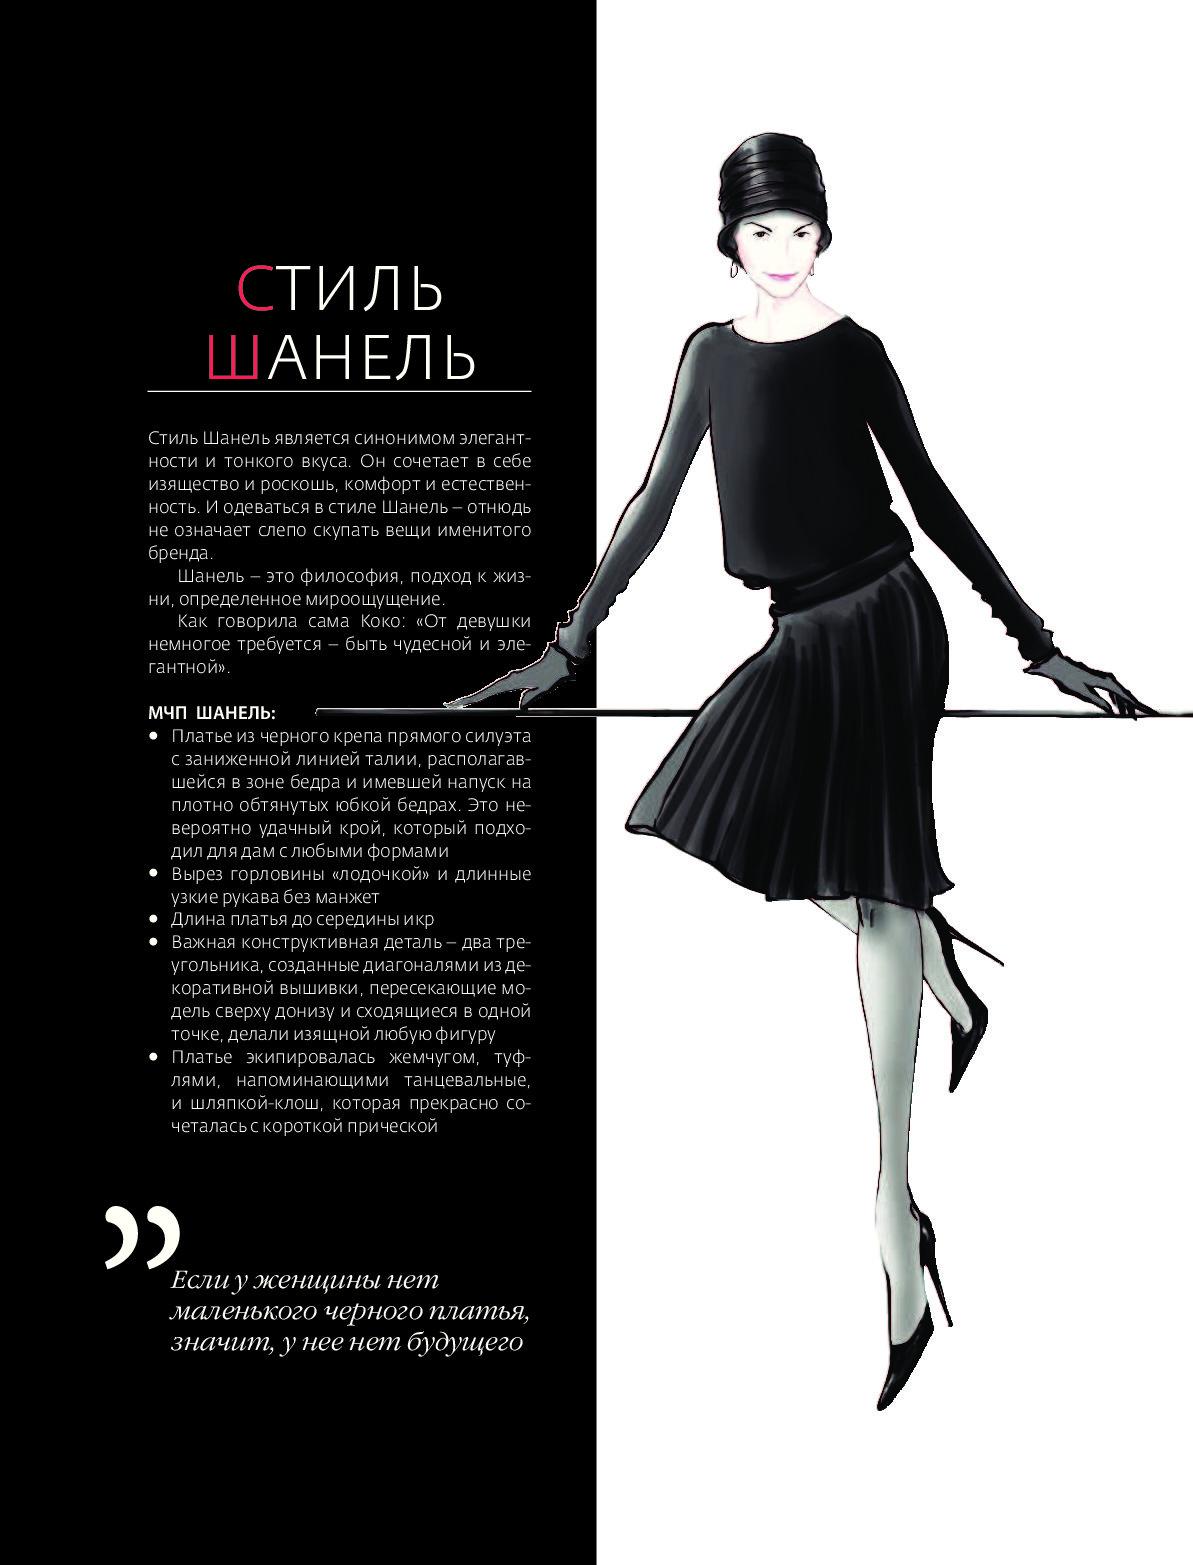 44c5cee8b26 Купить Триумф черного платья. Создай свой неповторимый стиль ...